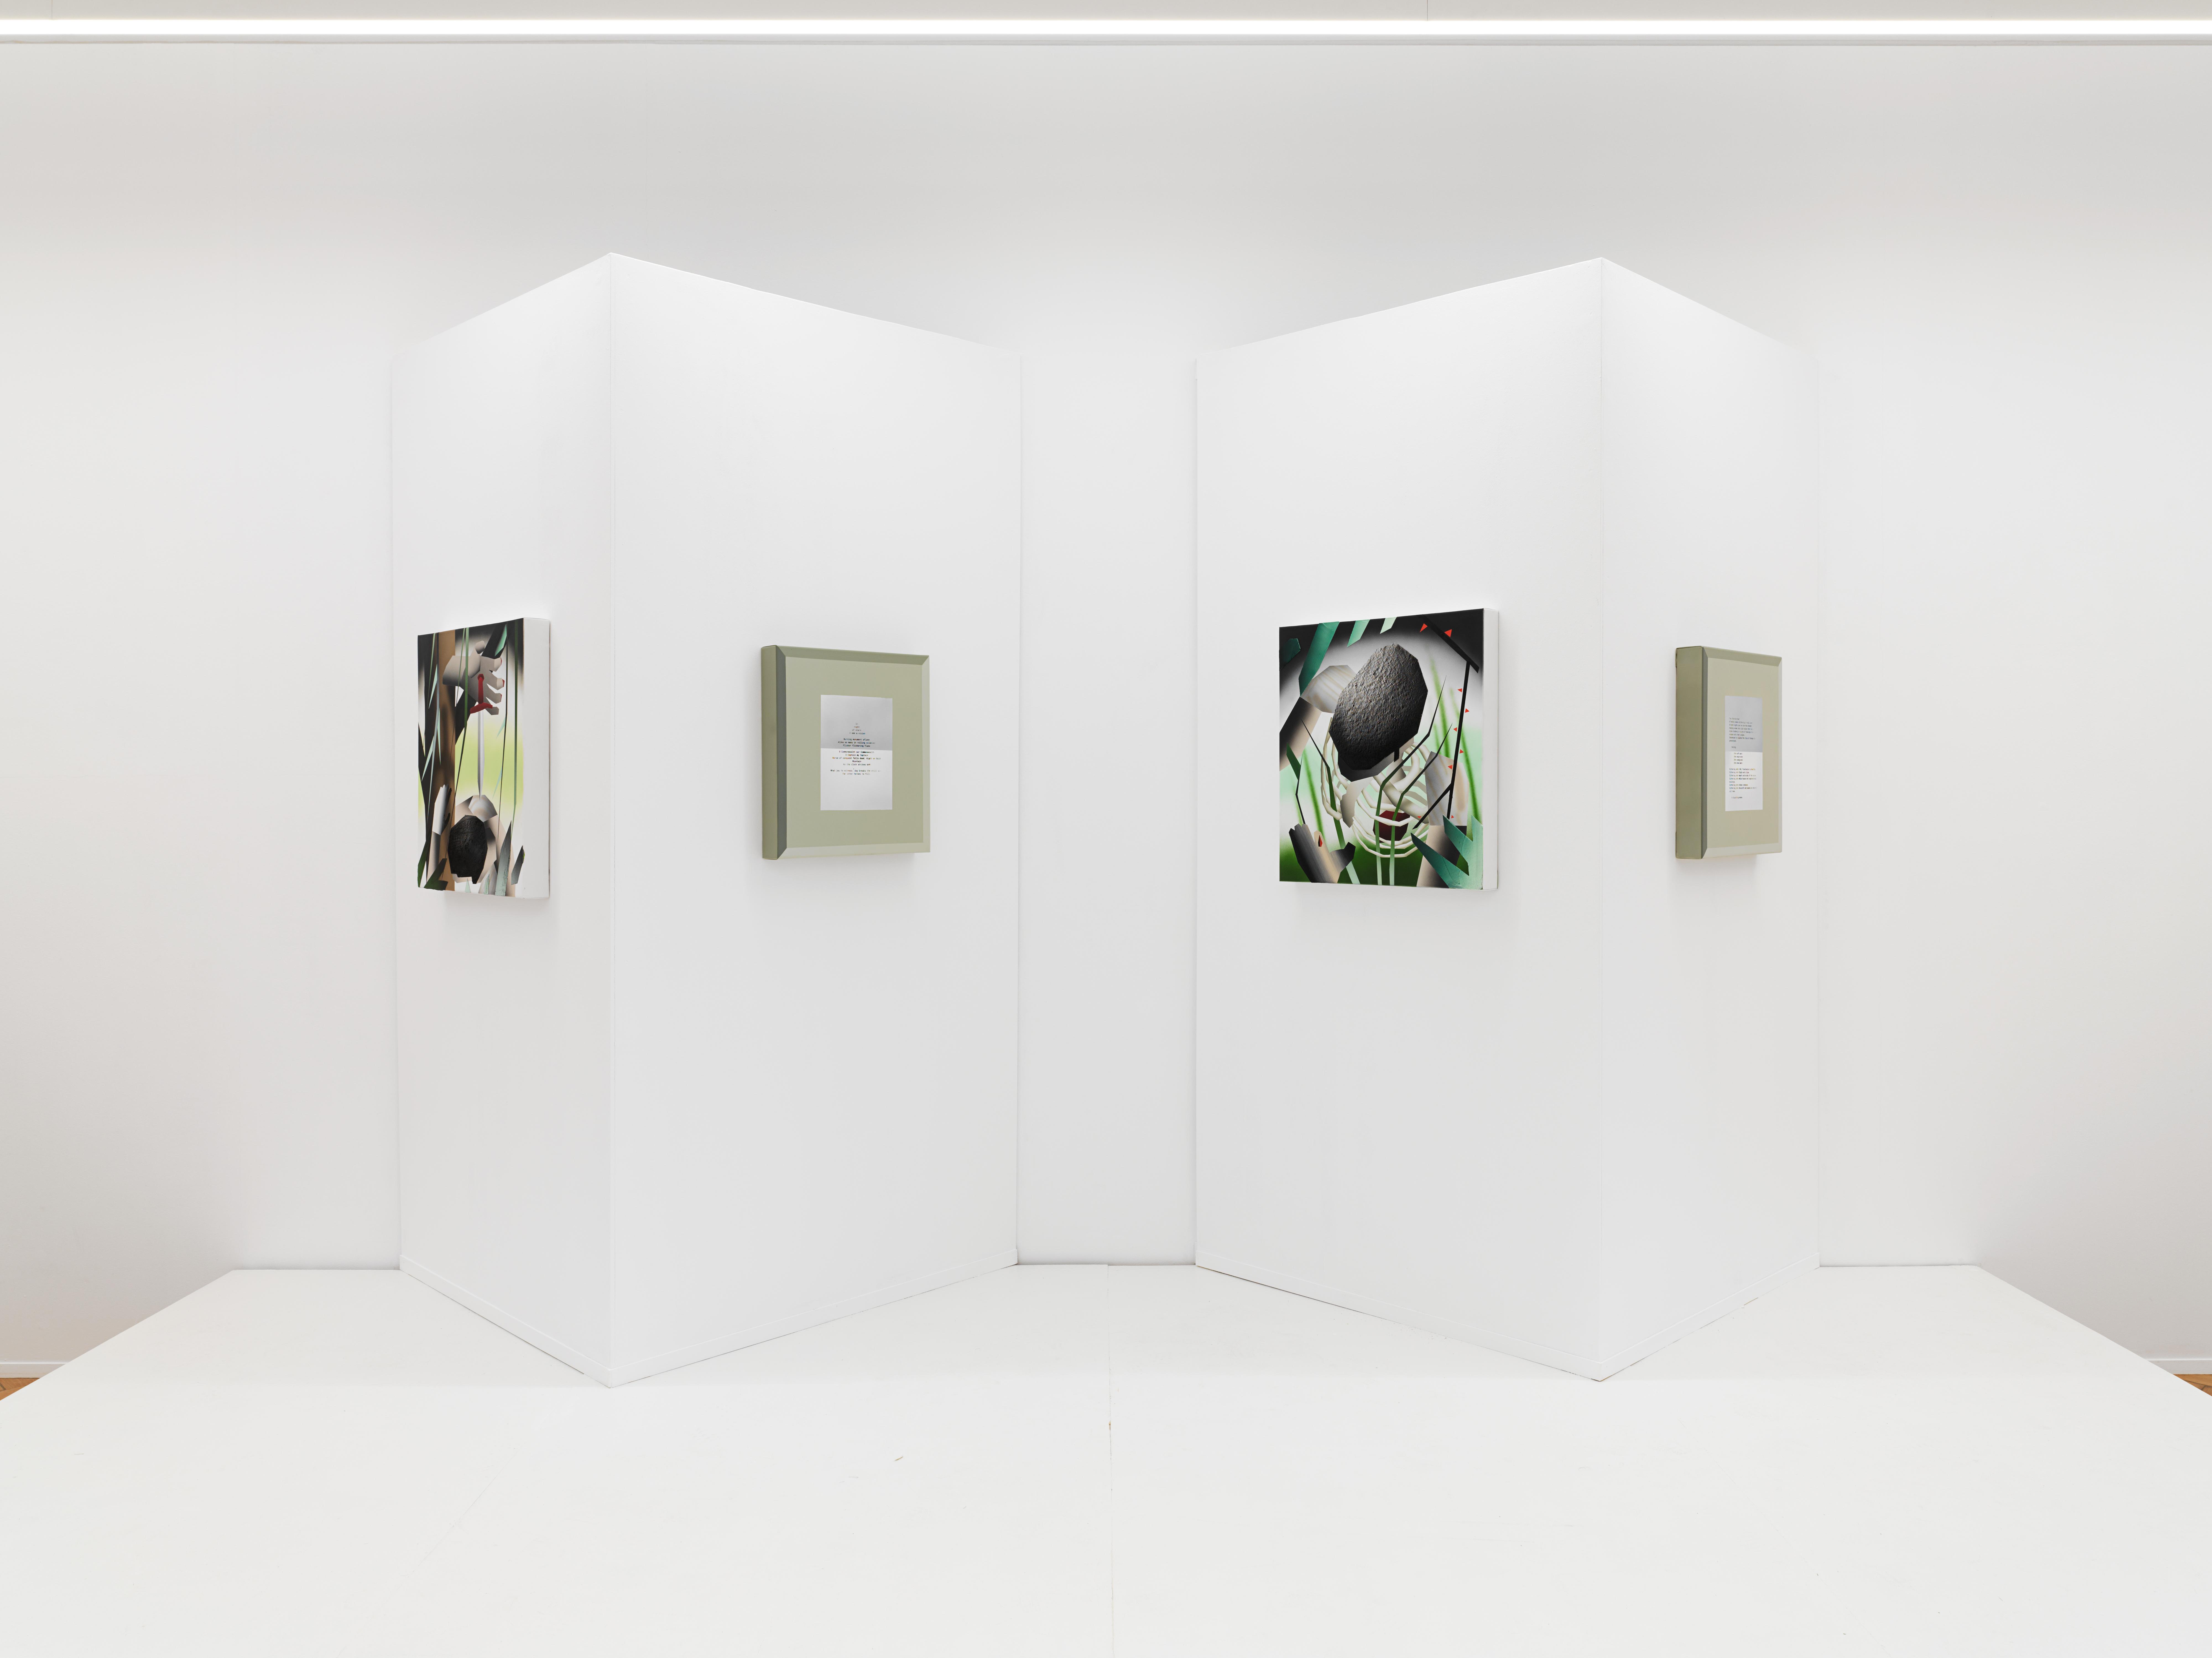 Blick auf eine weiße Wand, an die vier Gemälde gehängt sind